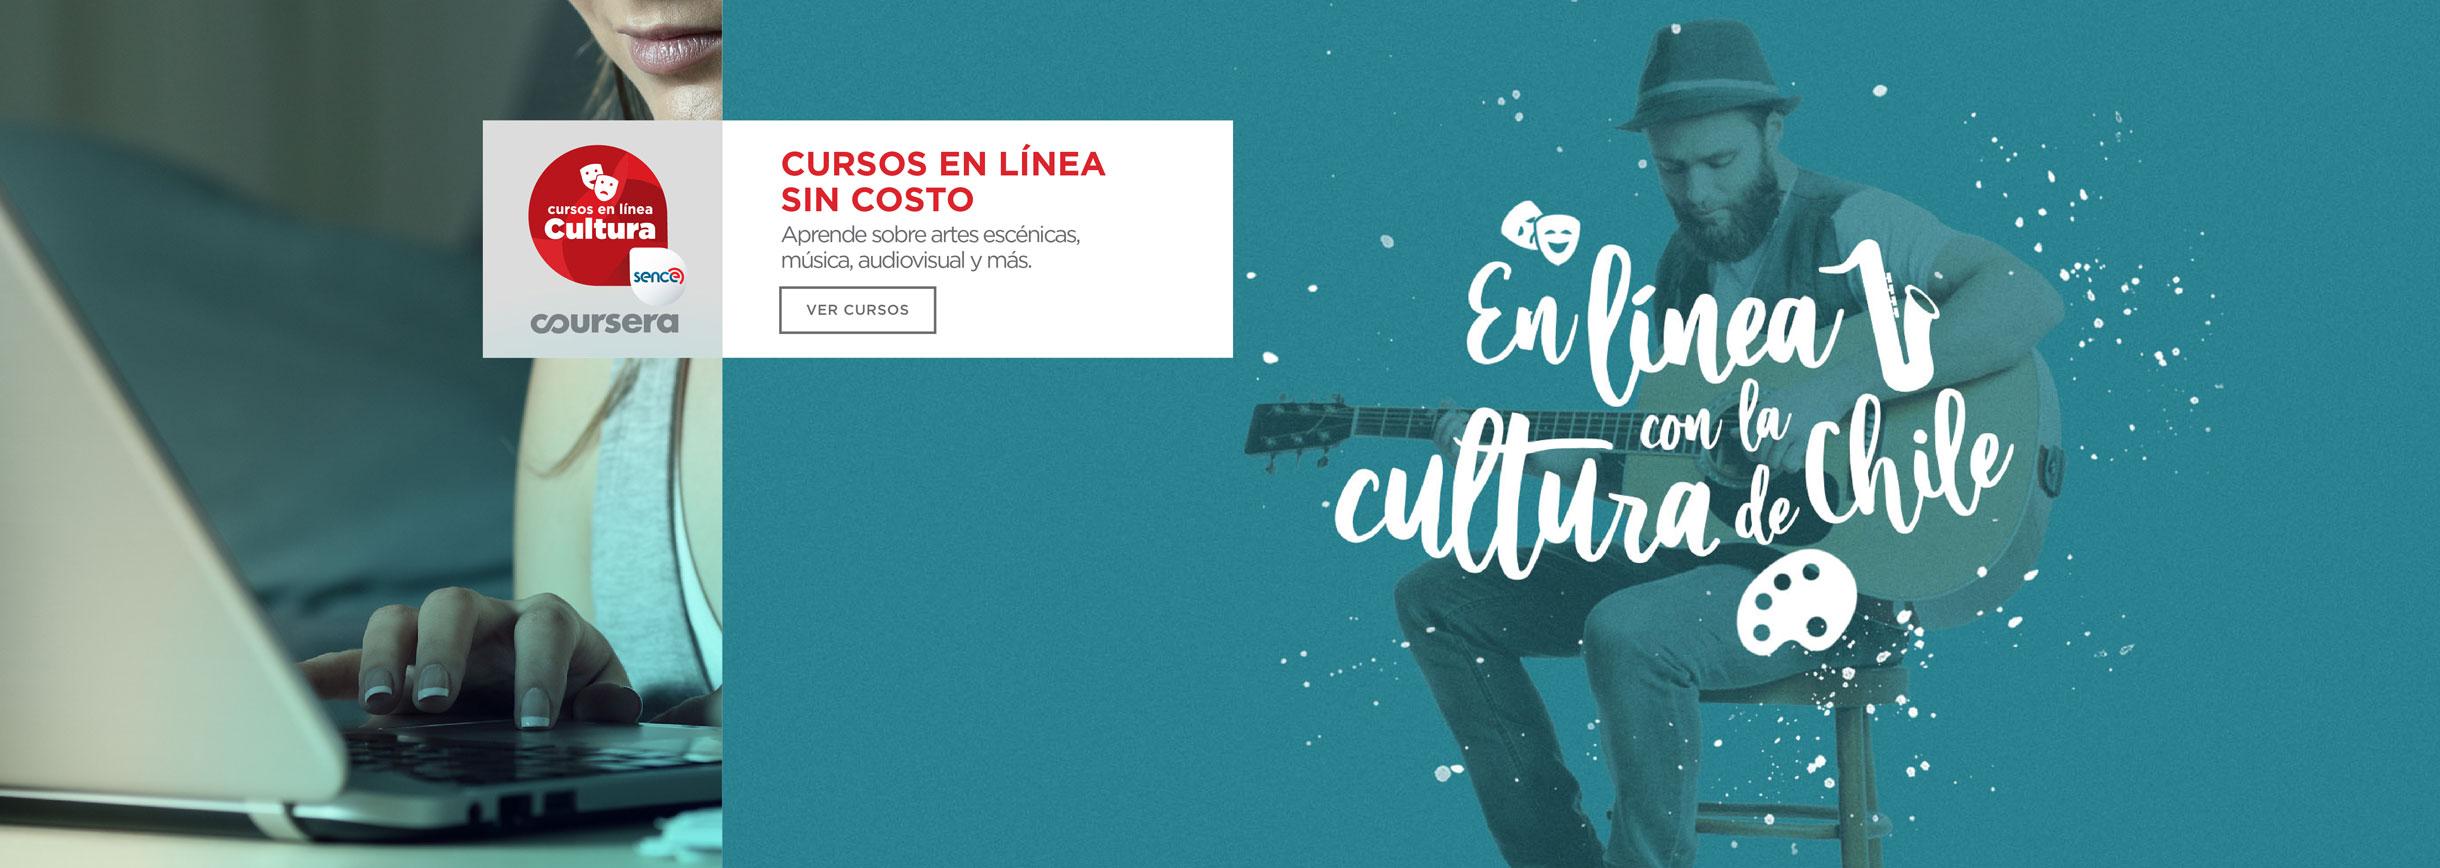 Cursos en línea con la Cultura de Chile